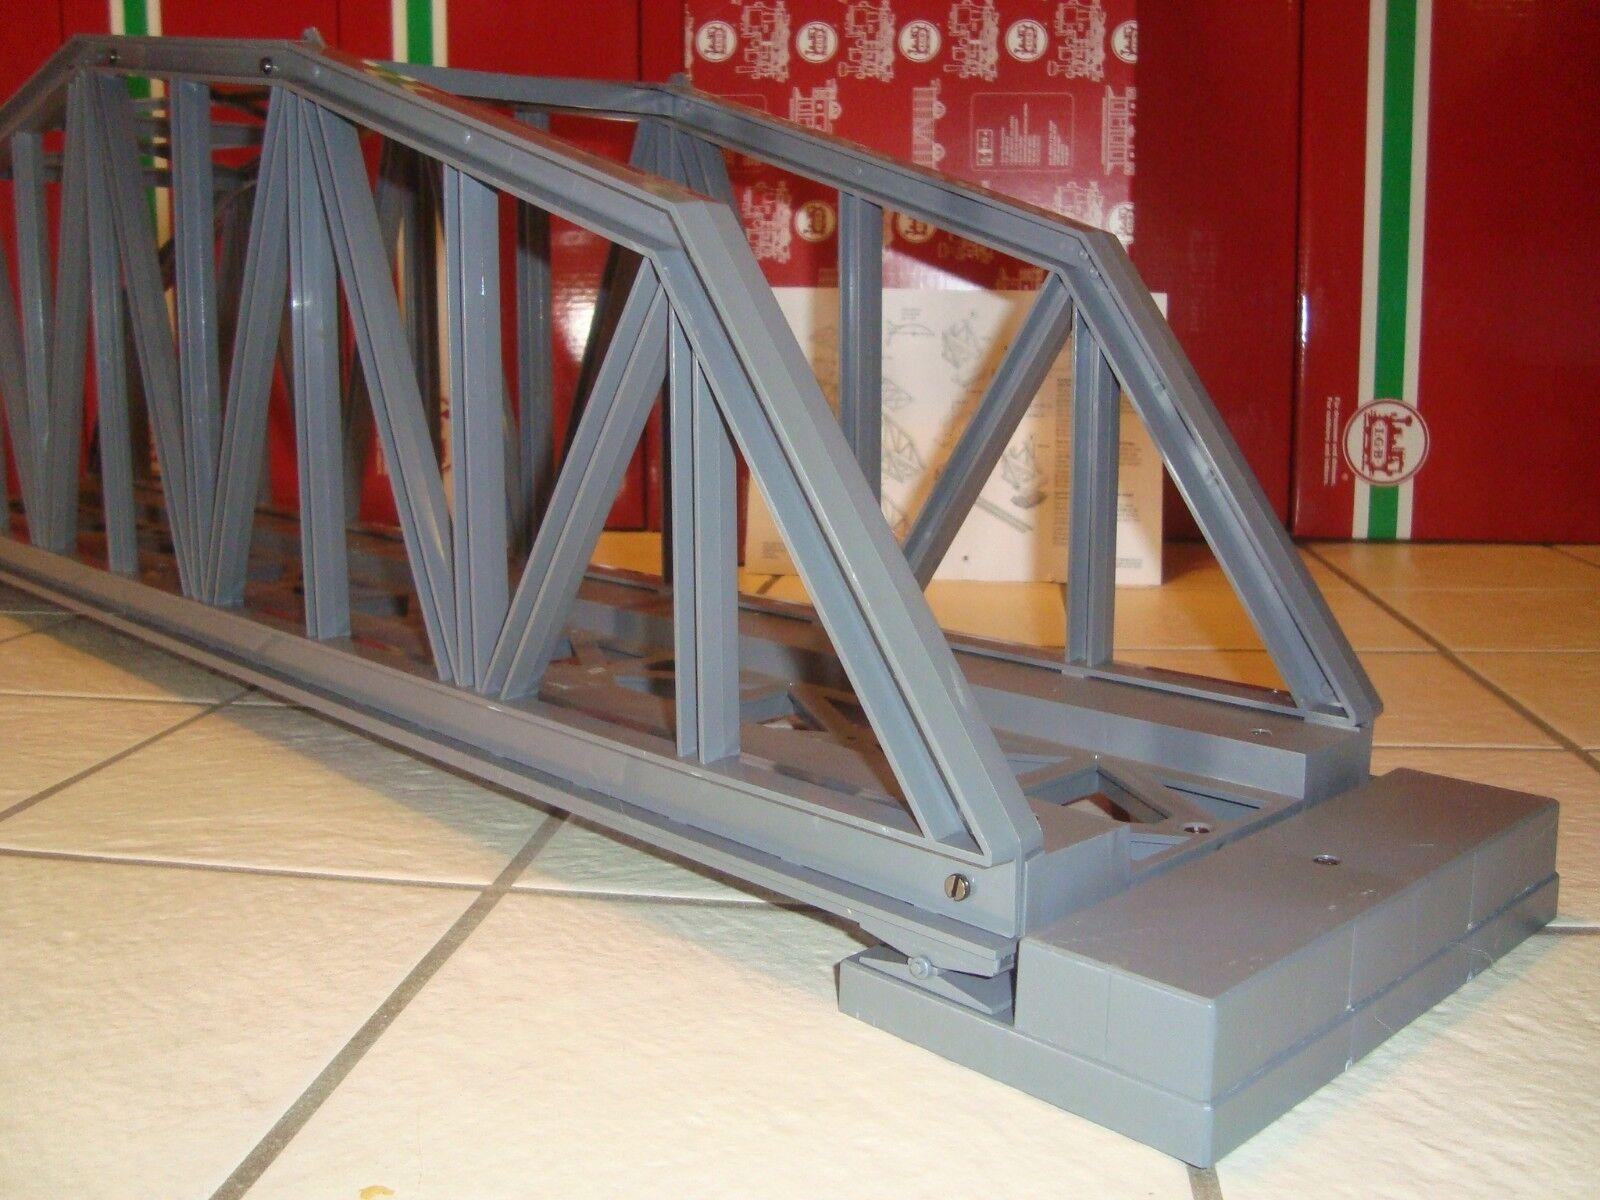 ventas en linea LGB 50610 50610 50610 Gris Grande Plástico 4 pies puente de acero a estrenar en caja original  ventas calientes